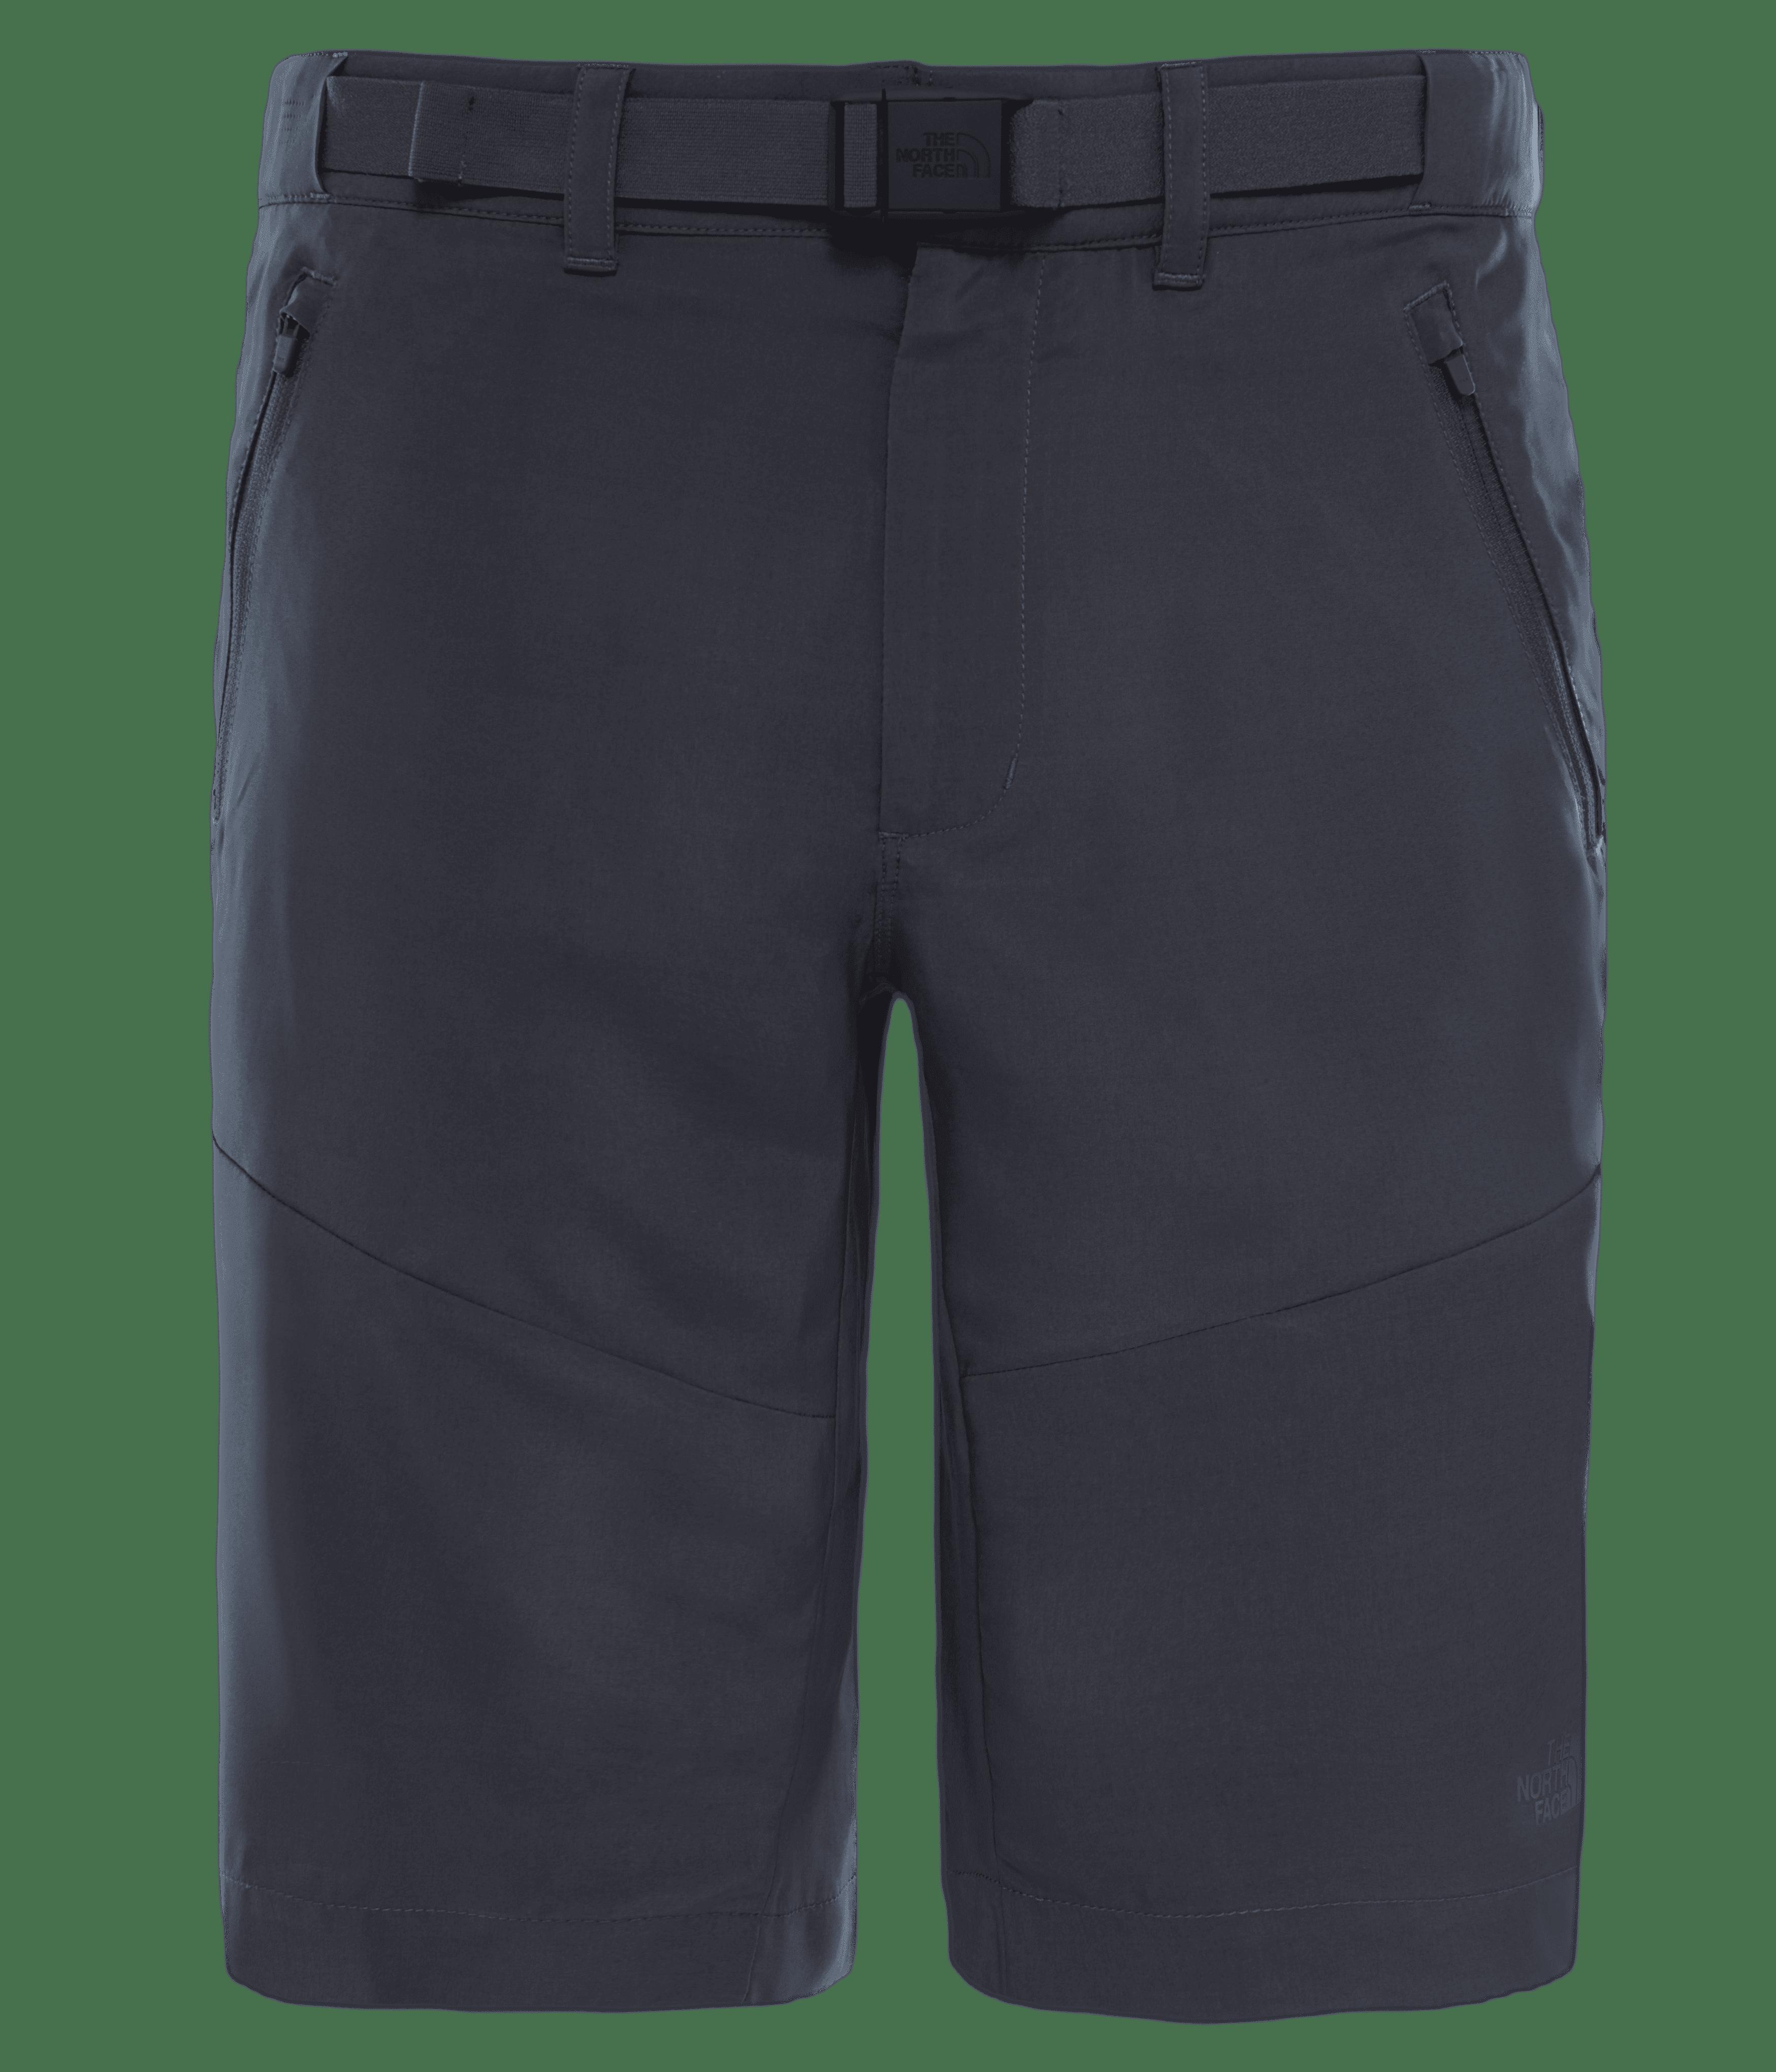 Short tansa